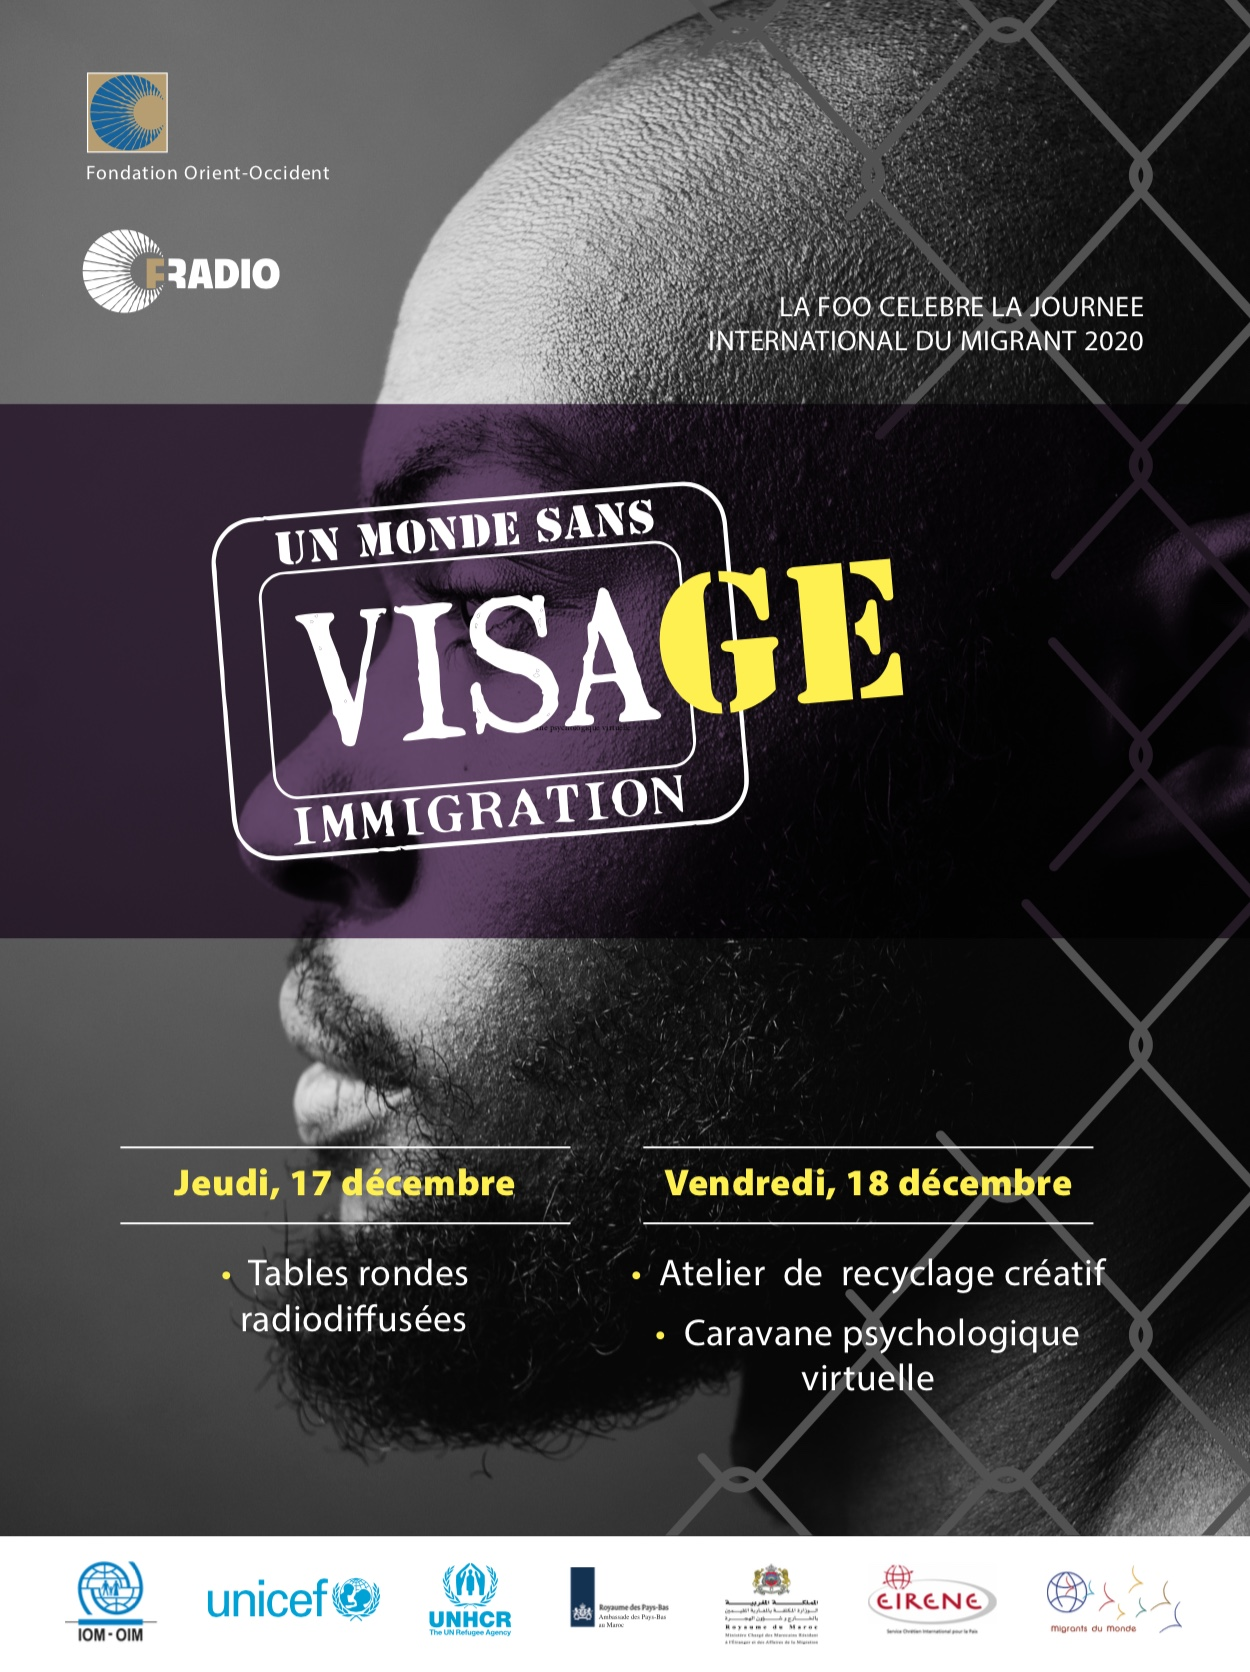 Célébration de la Journée Internationale des Migrants – Un monde sans visage – 2 jours d'activités